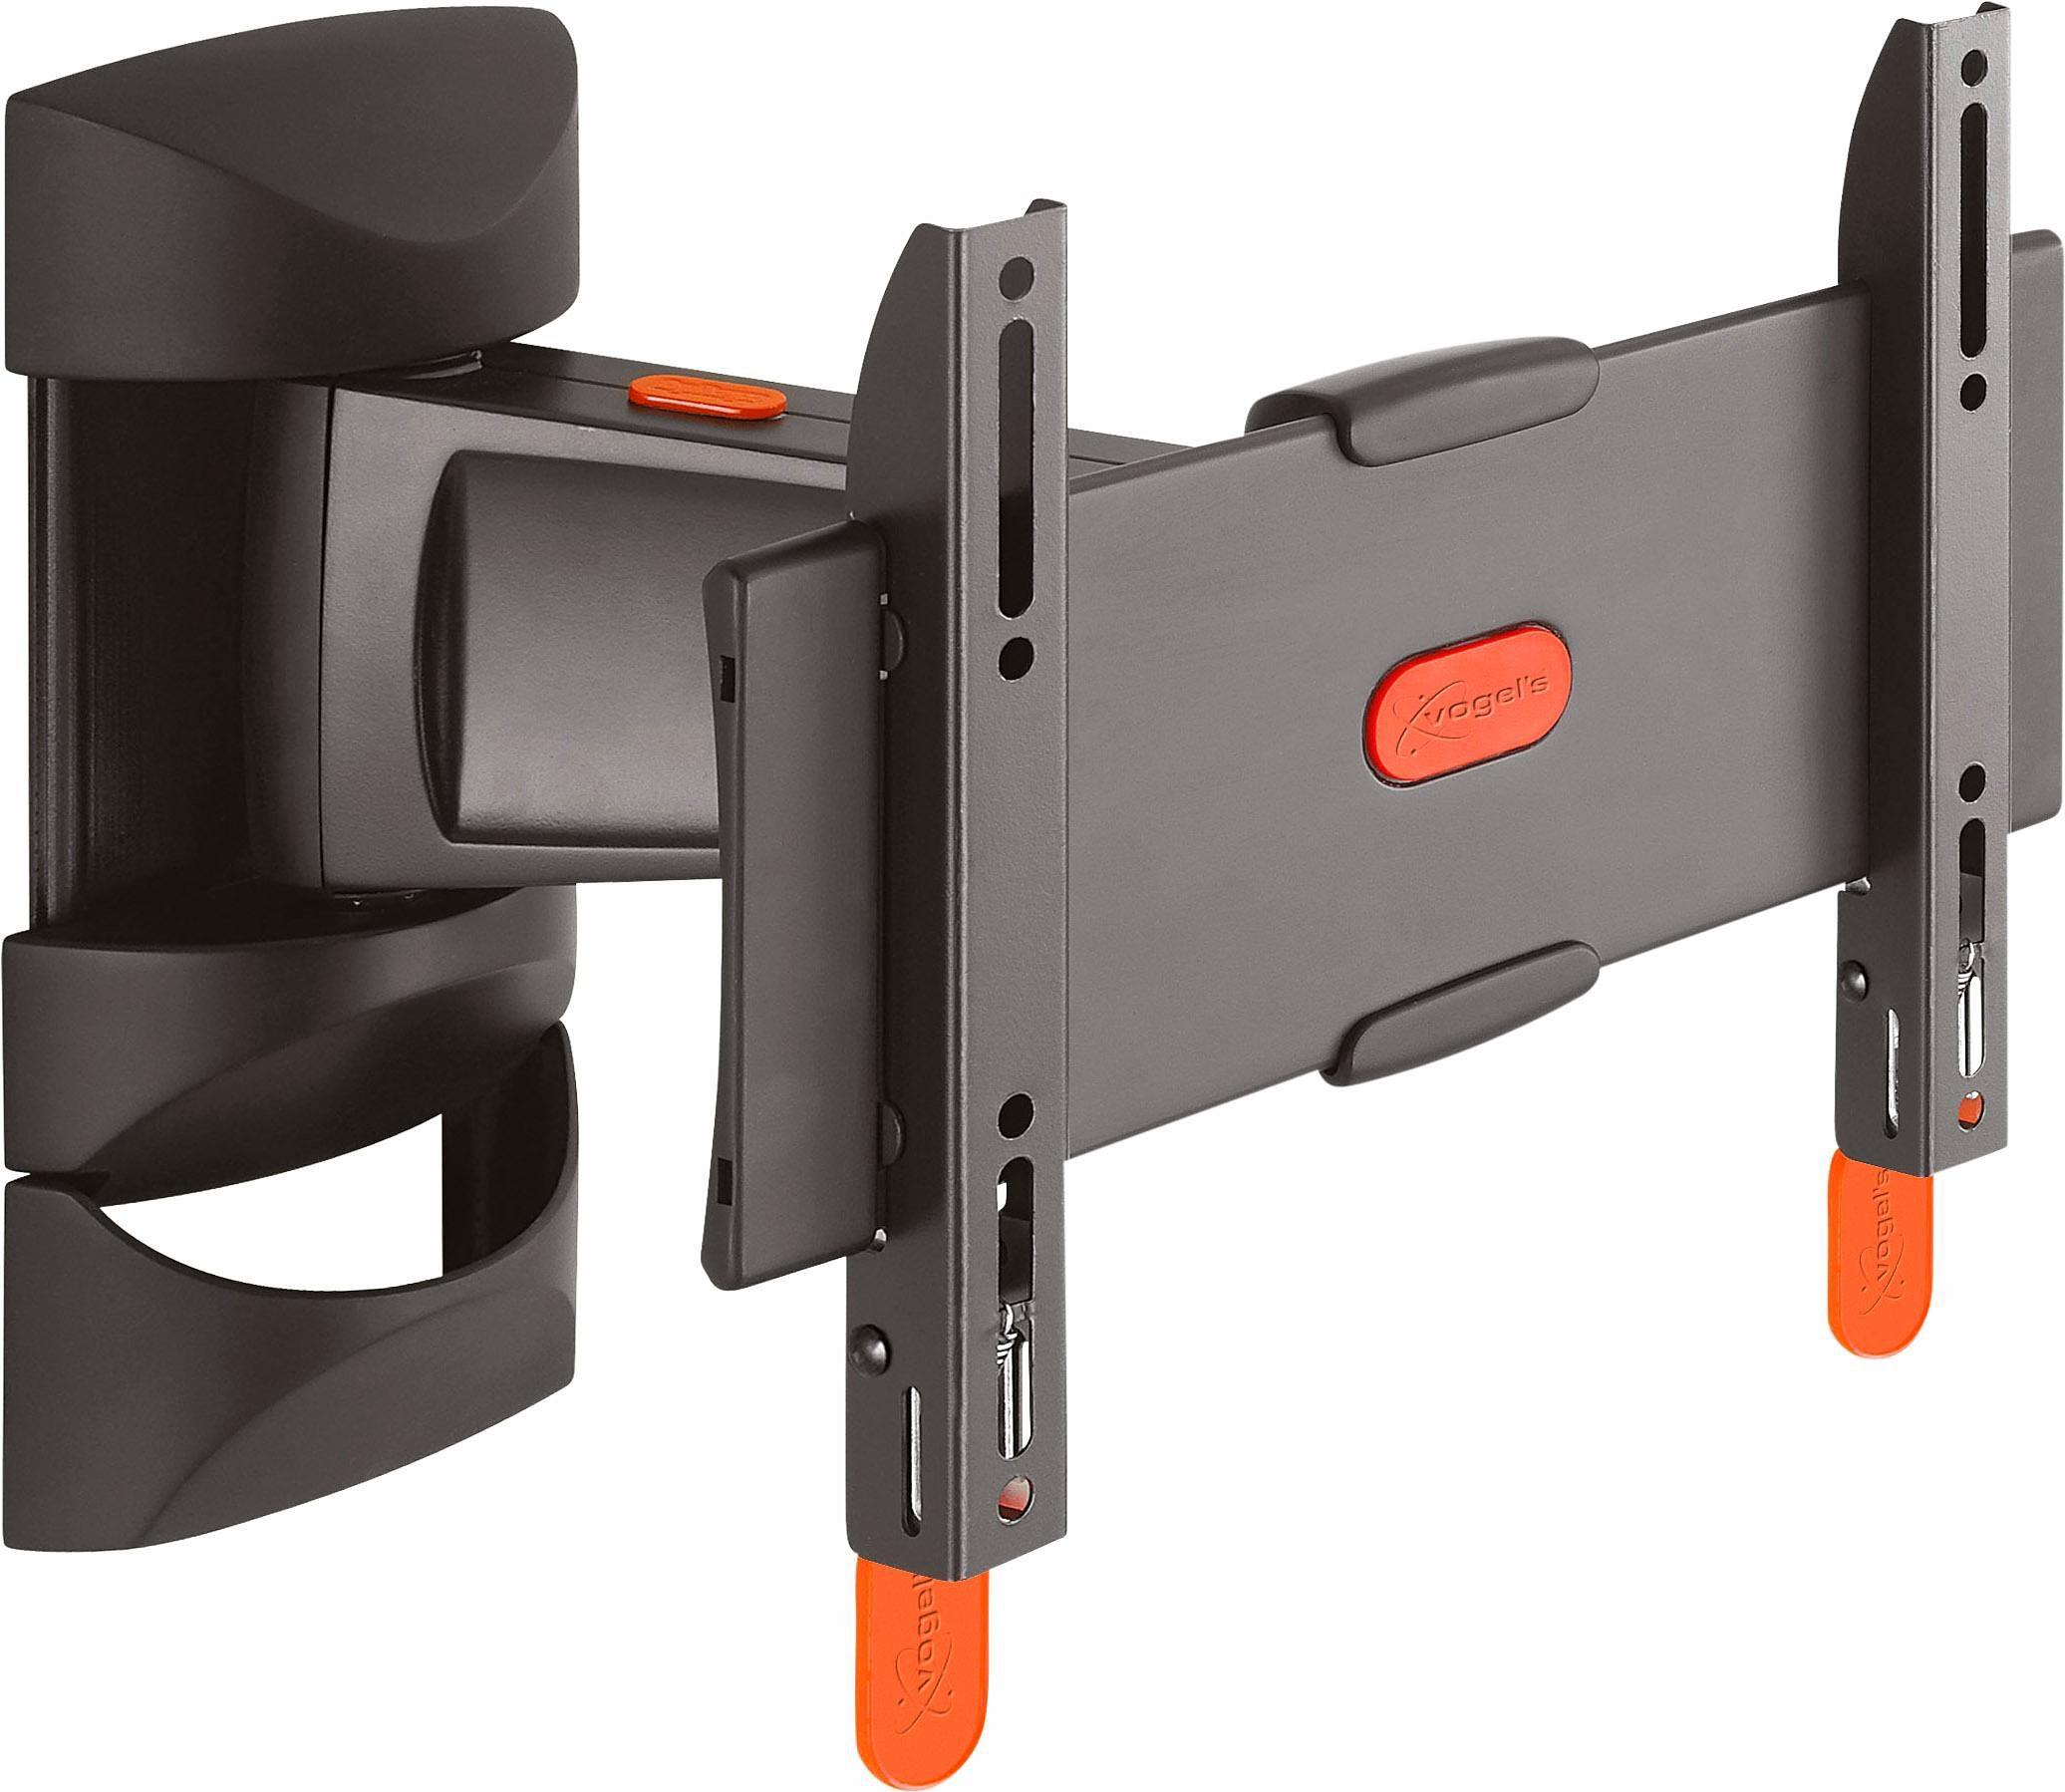 vogel's® TV-Wandhalterung »BASE 25 S« drehbar, für 48-94 cm (19-37 Zoll) Fernseher, VESA 200x200